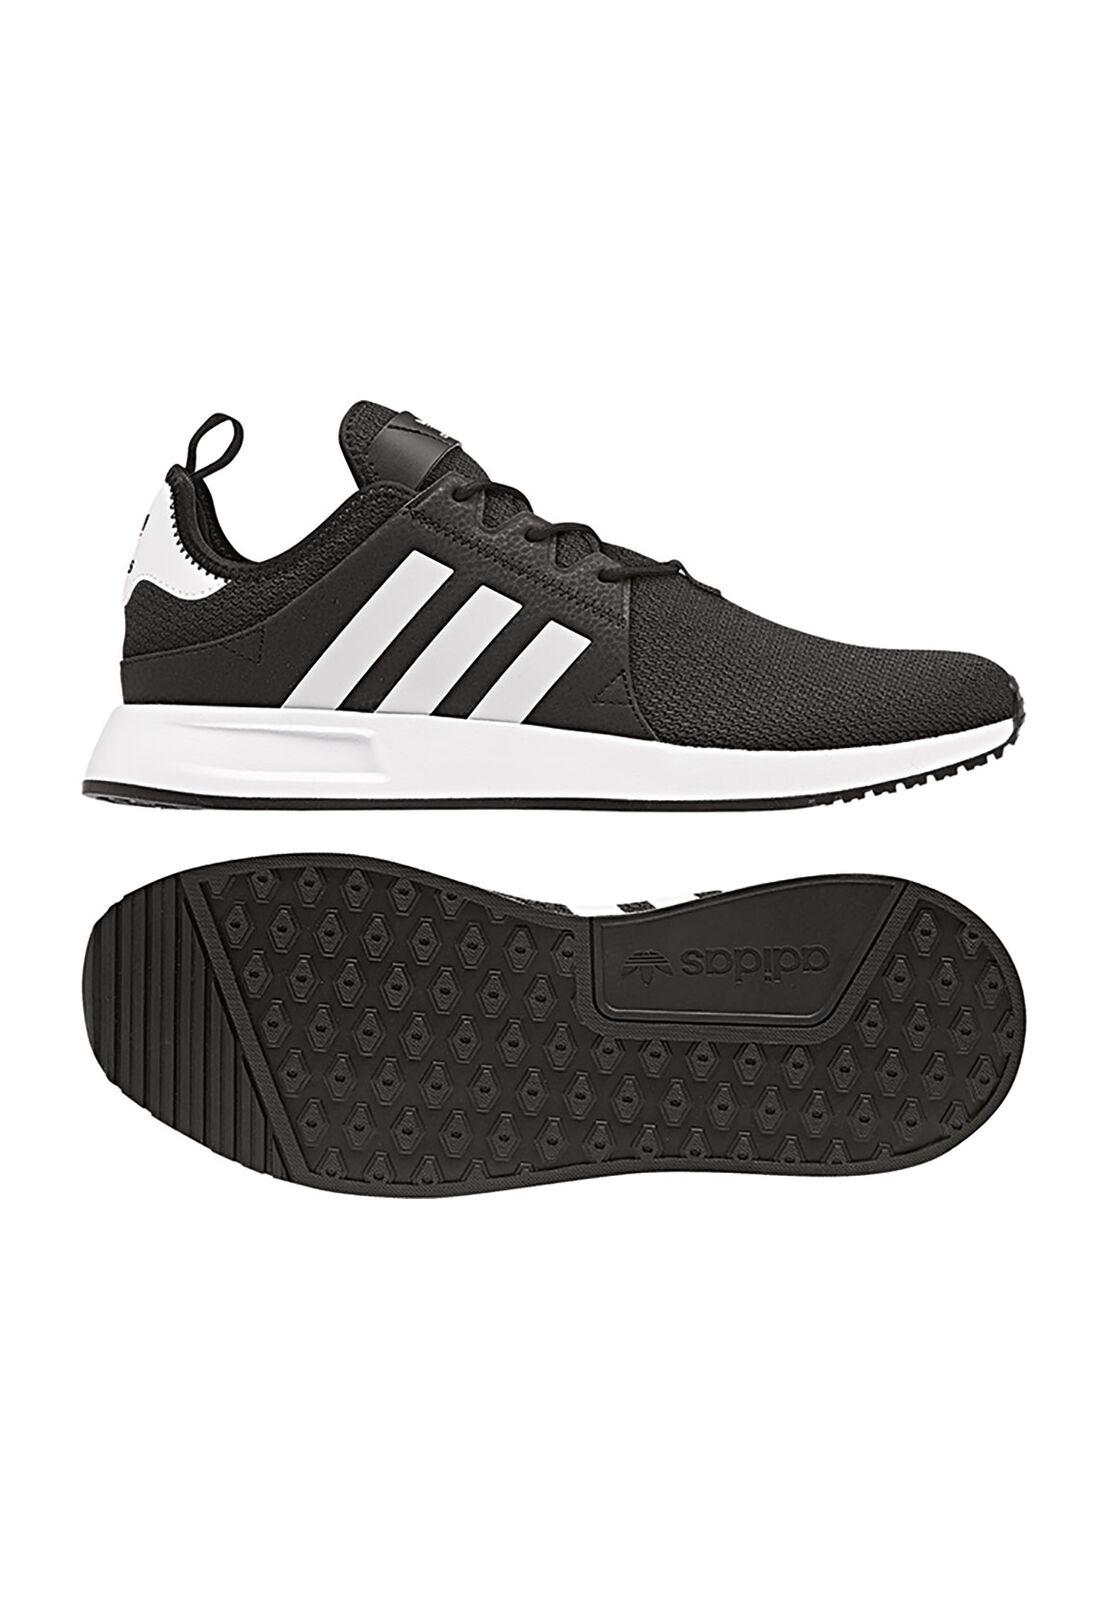 Adidas Originals Trainers x Plr CQ2405 Black White